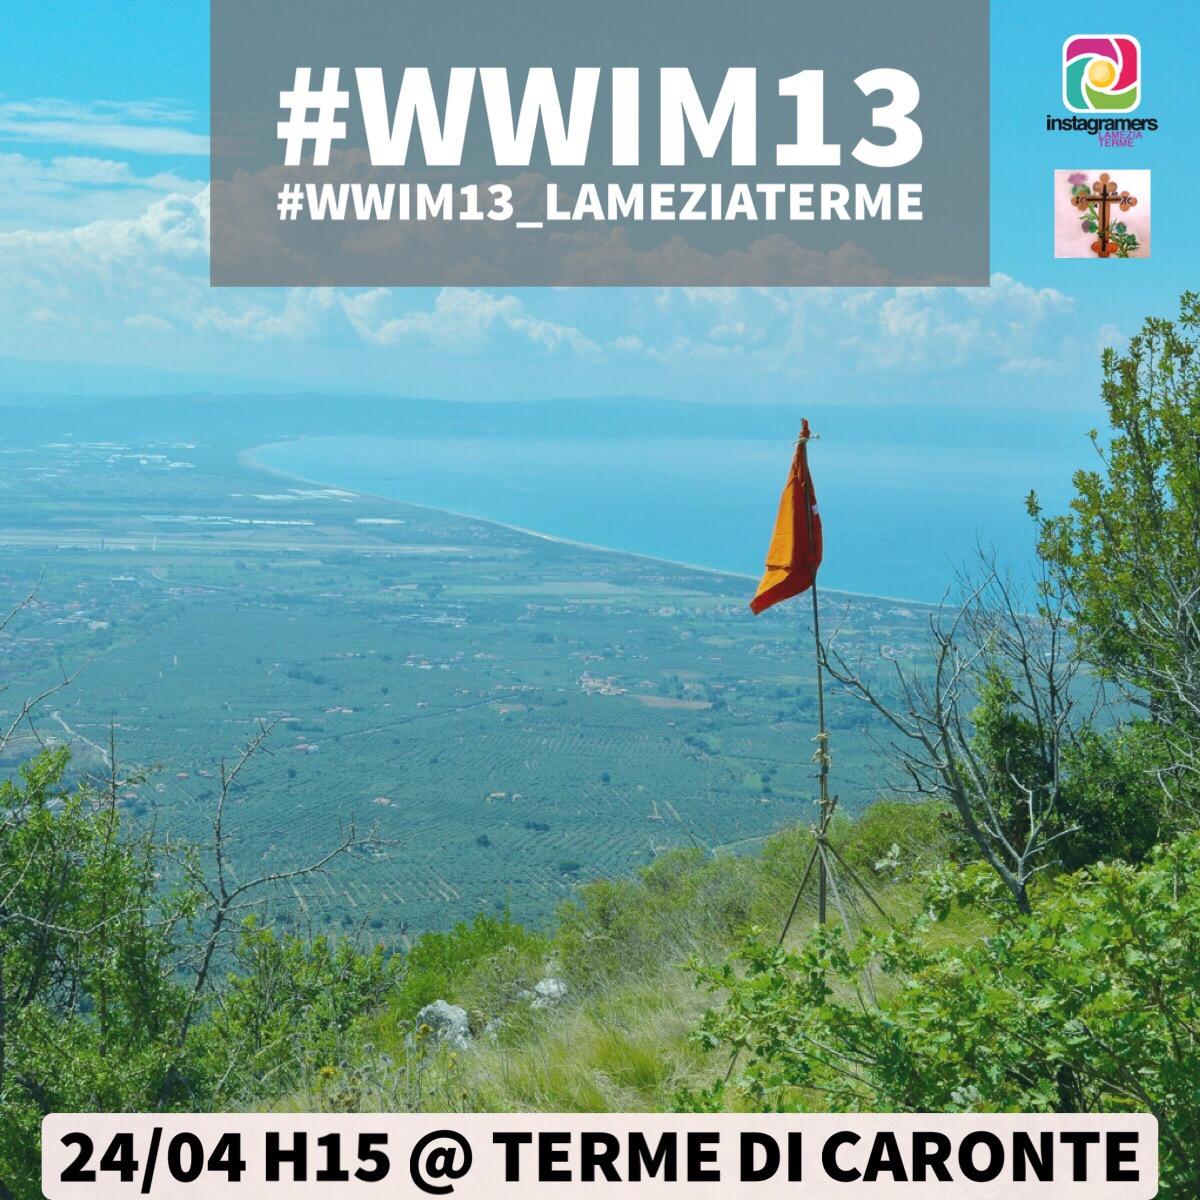 wwim13_lameziaterme